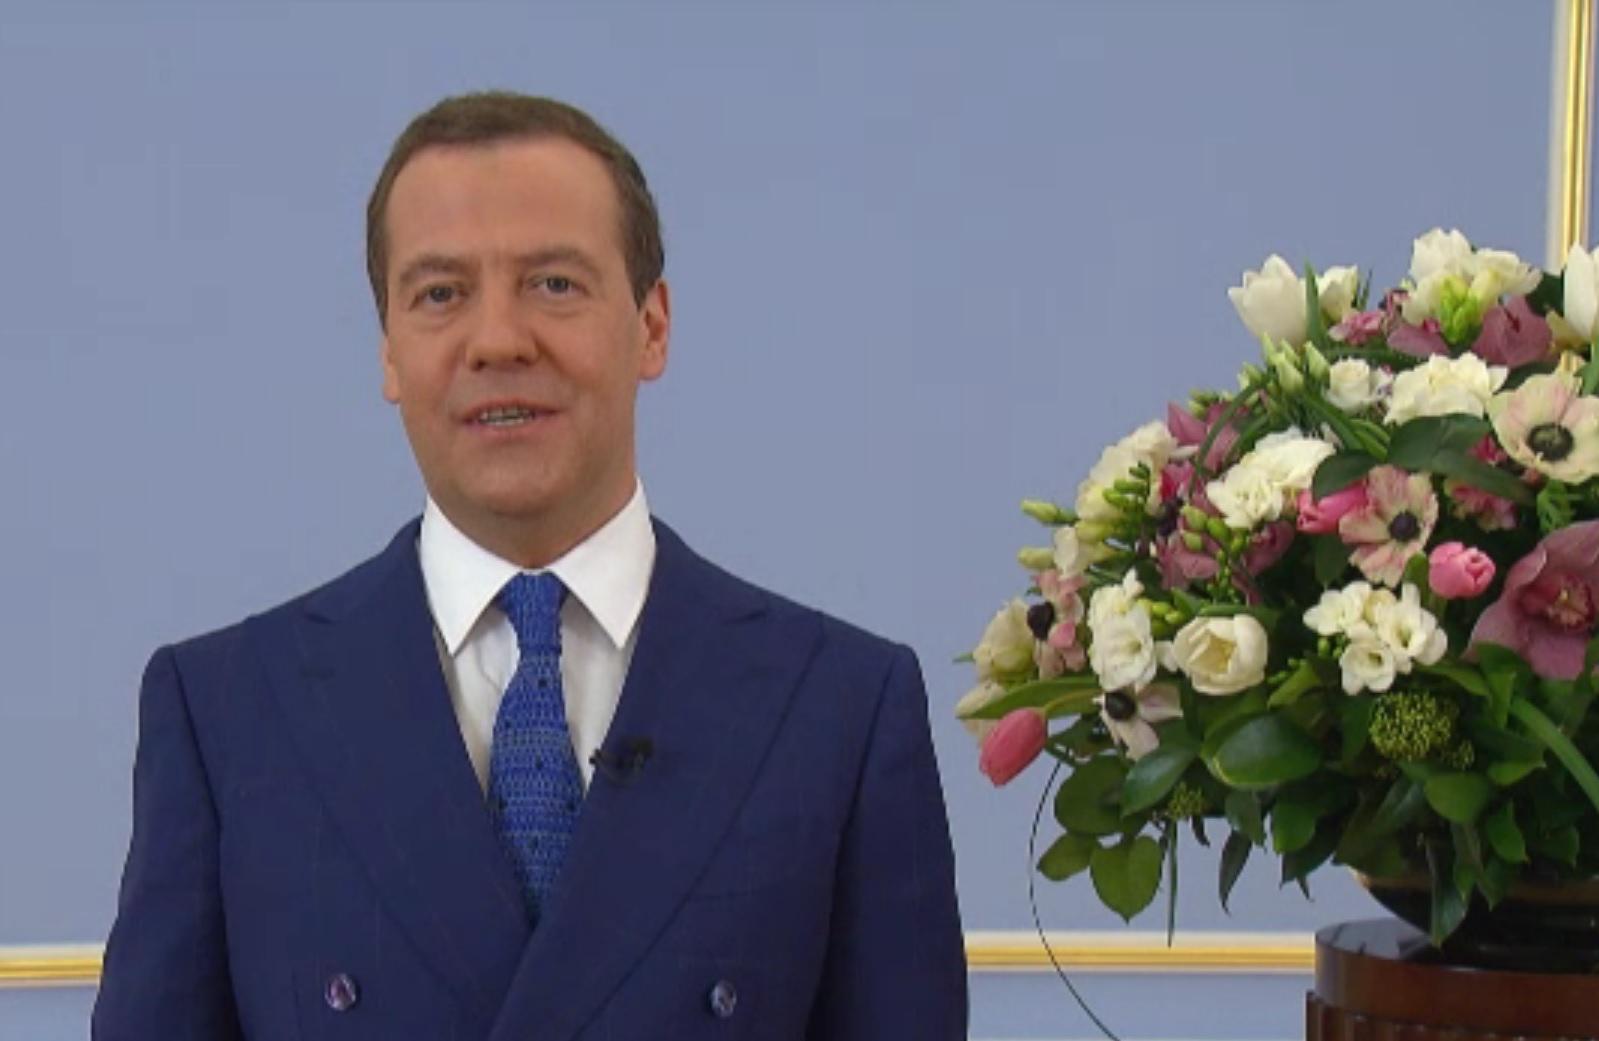 Медведев с цветами фото